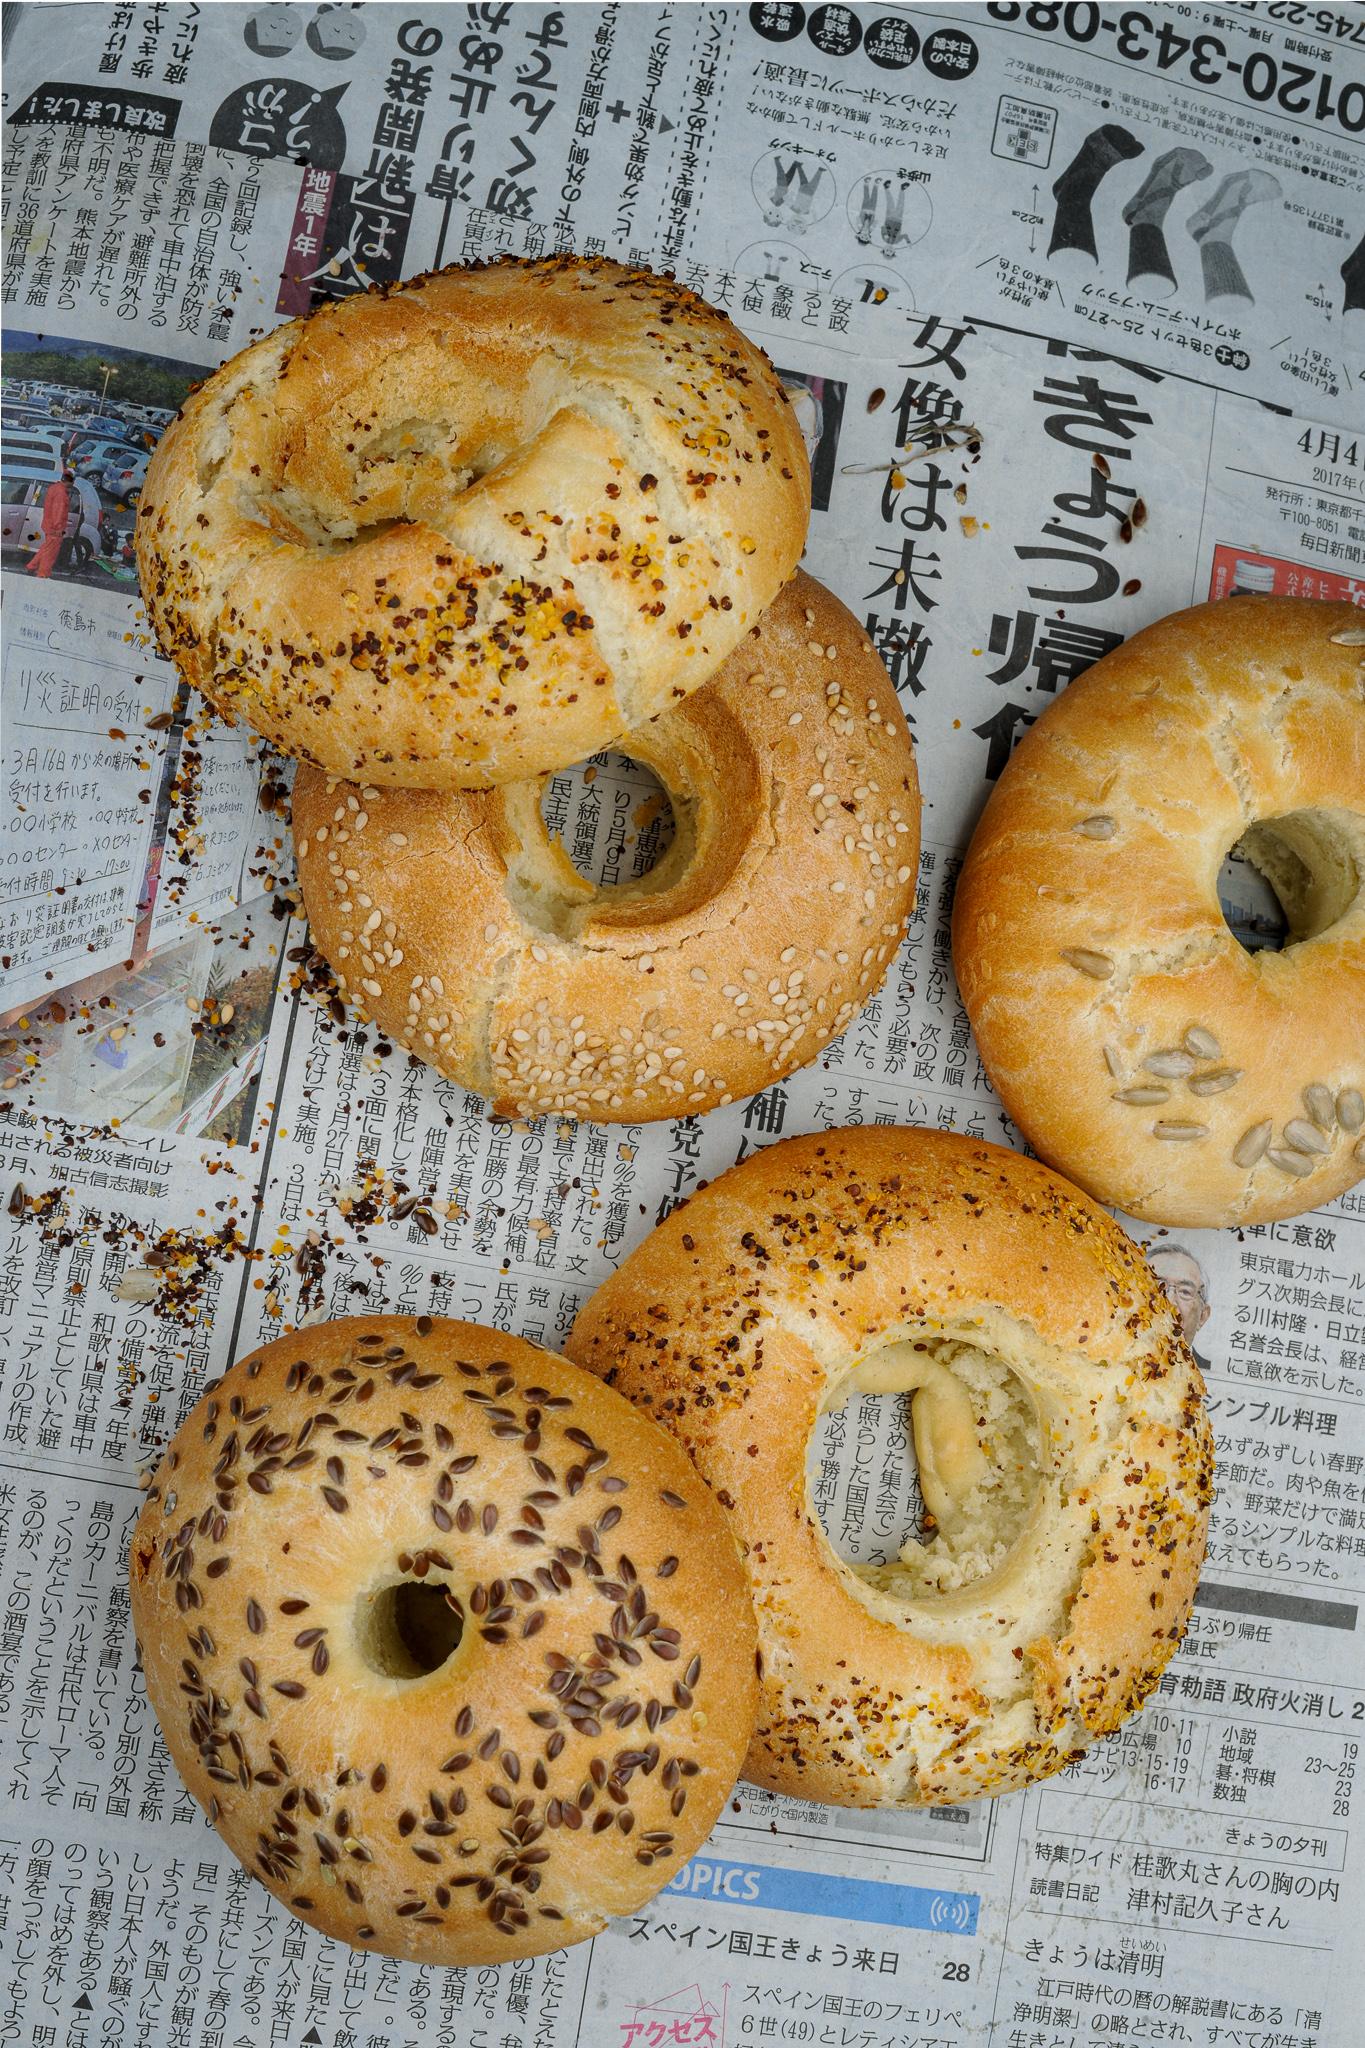 recette photographie culinaire auteure labelaure bagels graines de maison fait-maison